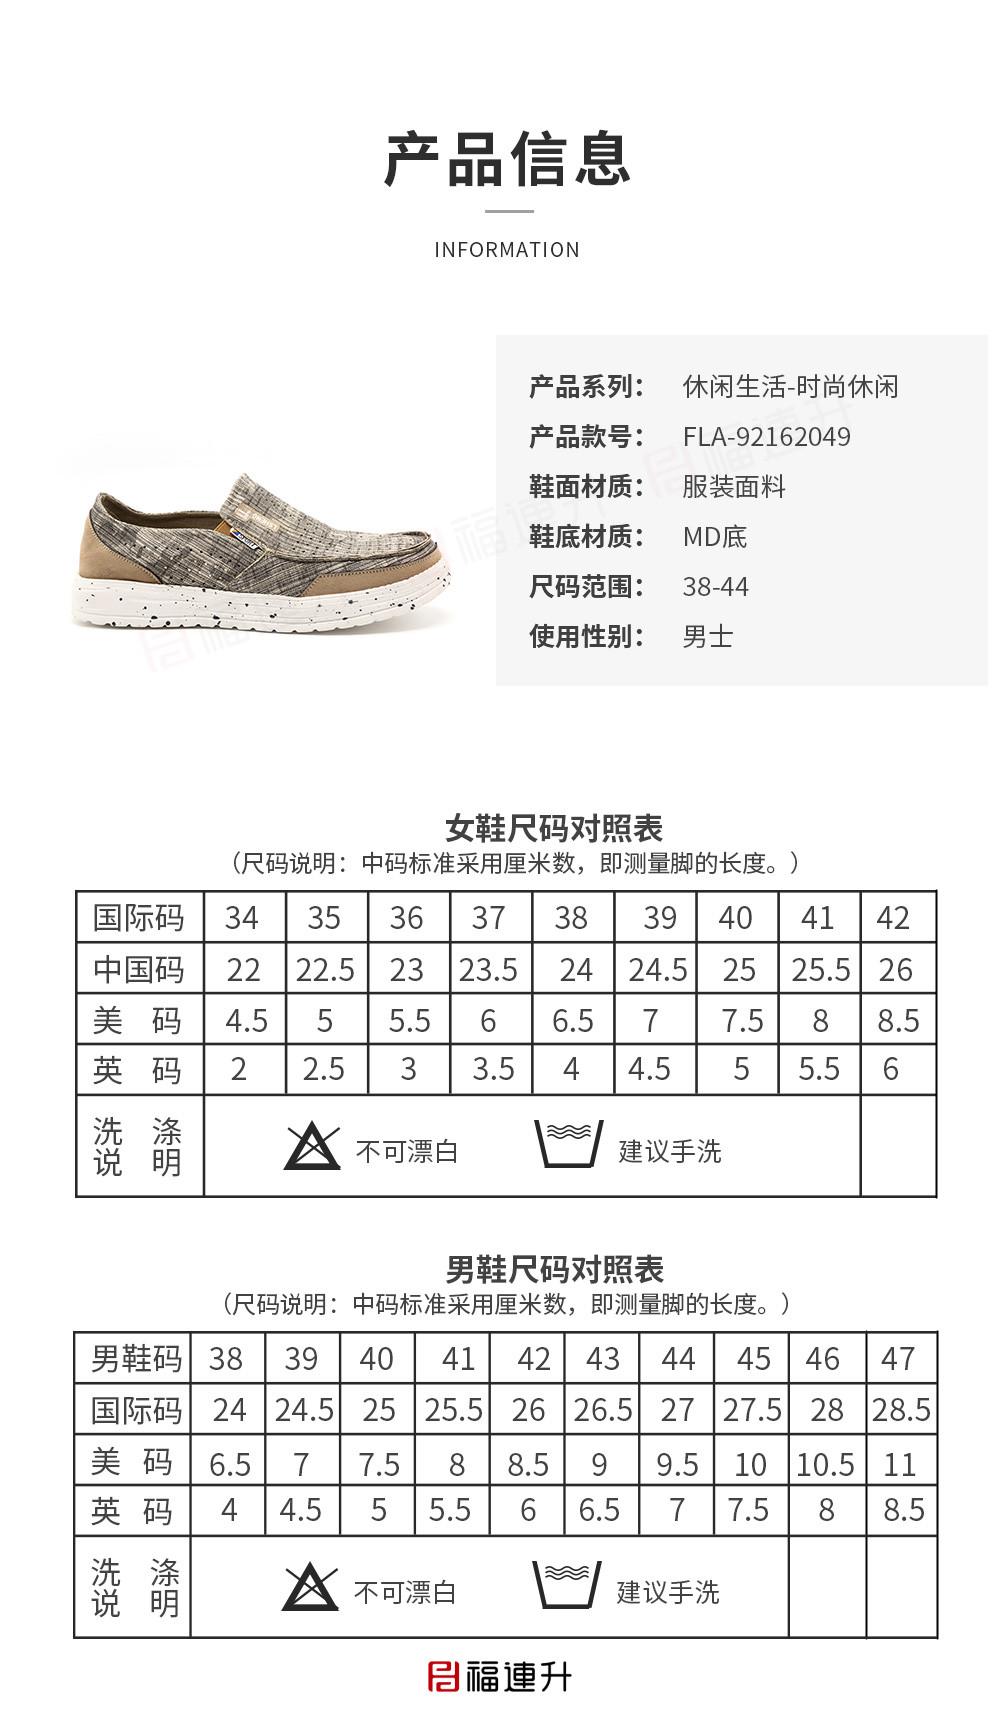 福连升夏季时尚休闲男鞋舒适透气服装面料轻便鞋图片